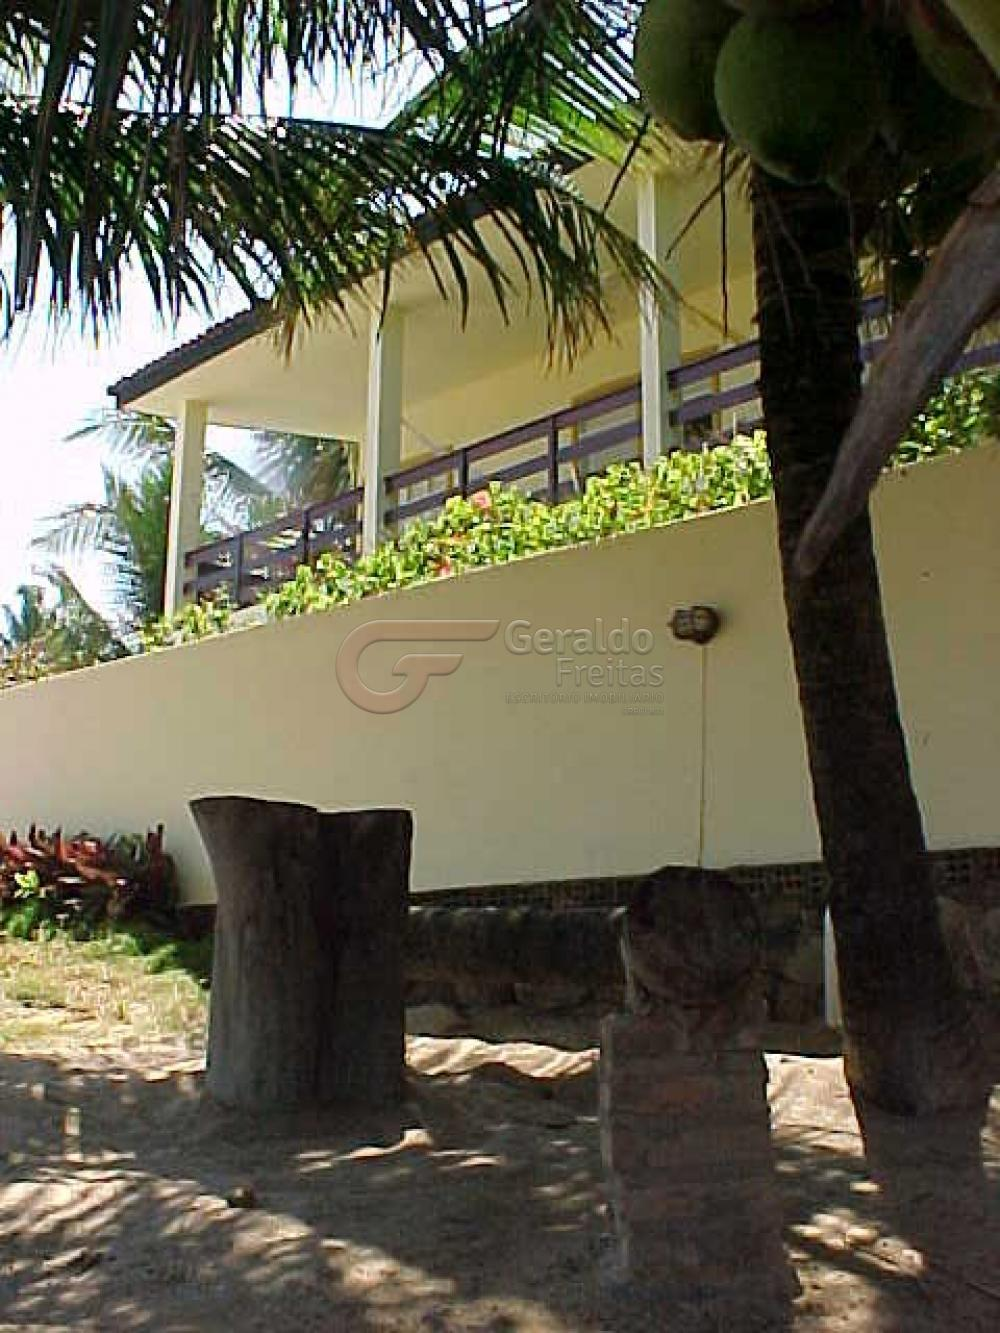 Comprar Casas / Residencial em Maceió apenas R$ 840.000,00 - Foto 2